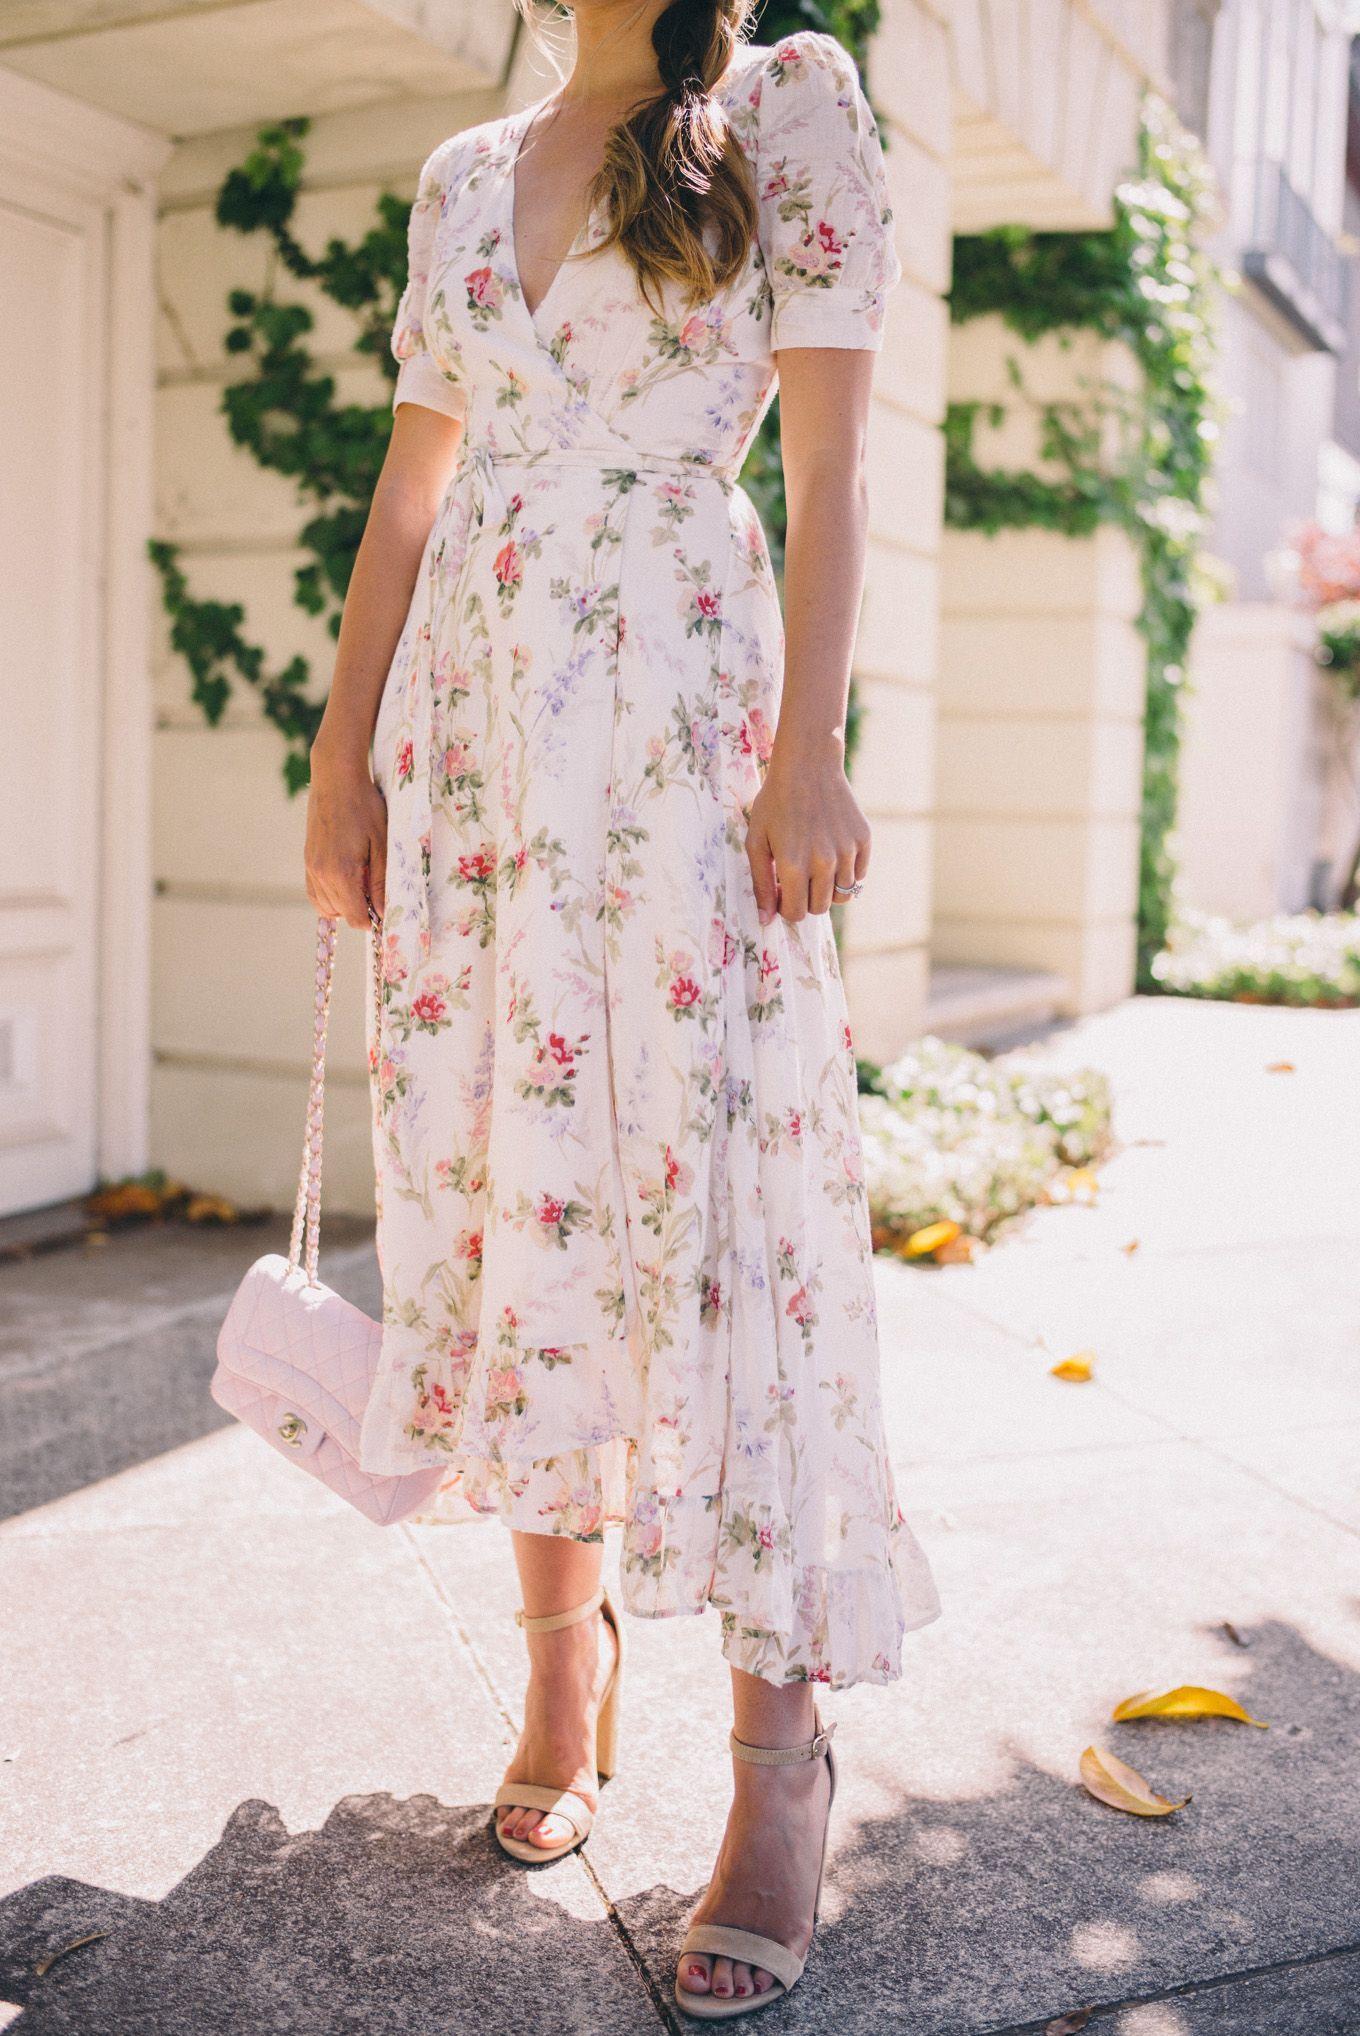 9273c30f486 Gal Meets Glam Wedding Guest Dress - Ralph Lauren   Supply dress and Steve  Madden heels